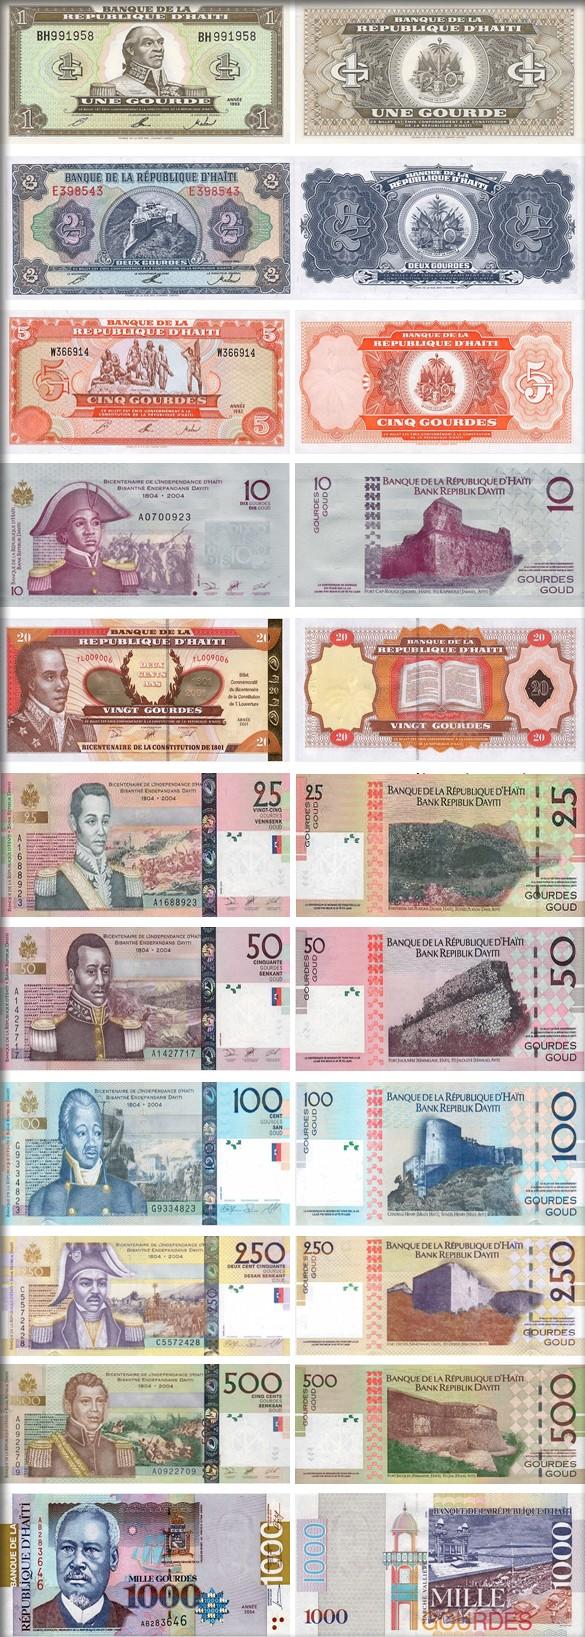 Банкноты Гаити